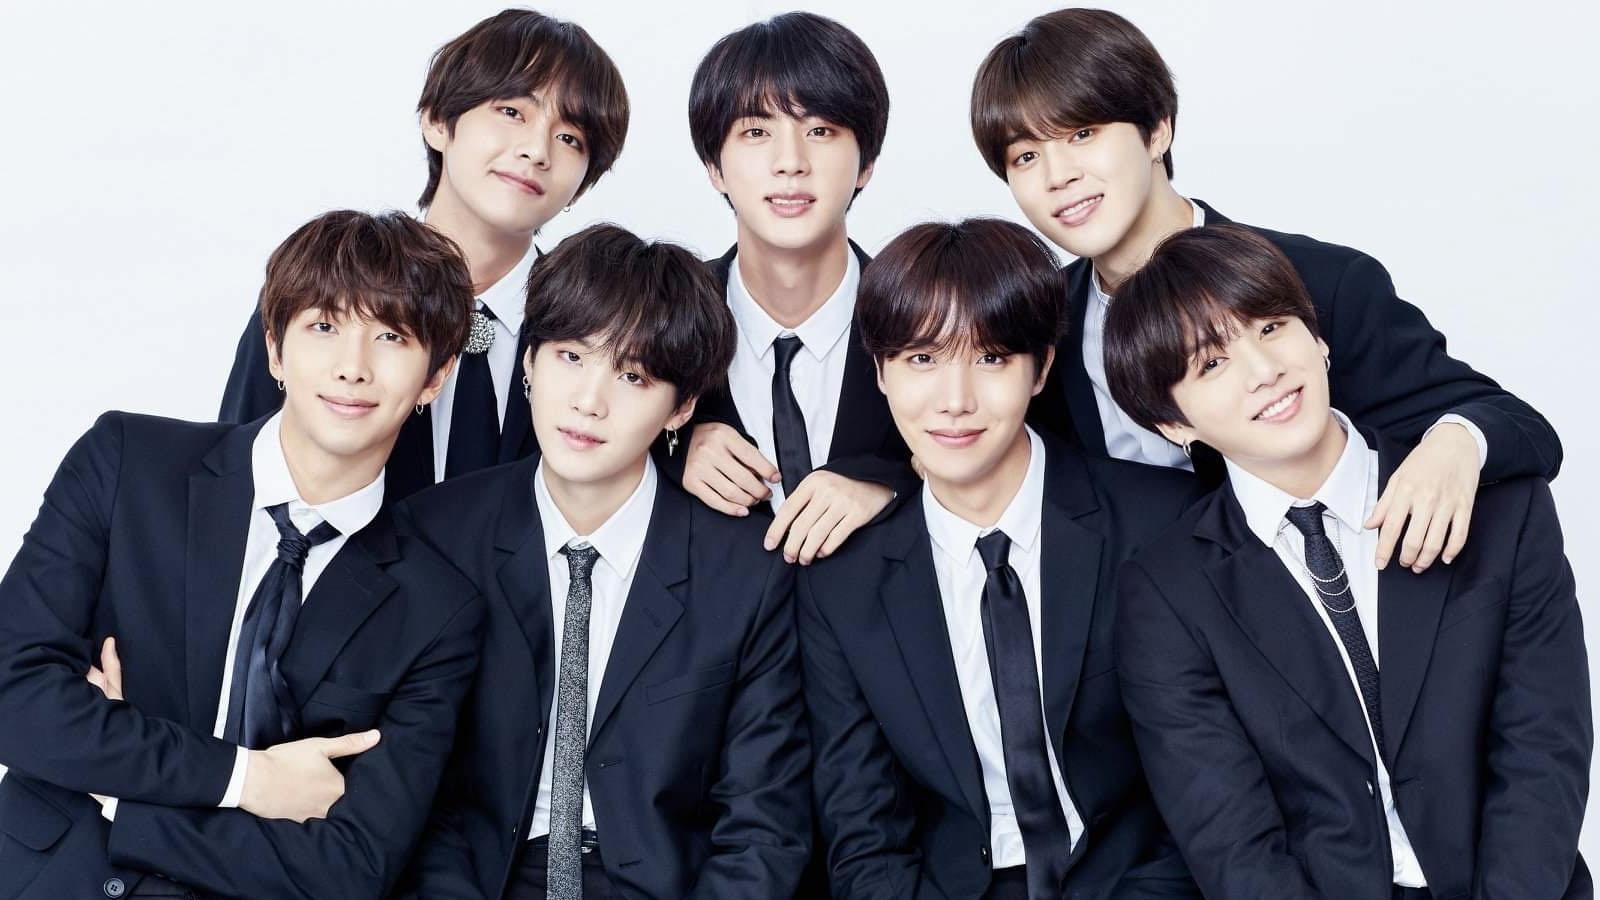 """A foto apresenta todos os integrantes do BTS, grupo sul-coreano de k-pop, vestidos com paletó e gravata. Há três membros do grupo em pé e quatro à frente. A foto ilustra a matéria BTS: entenda caso de racismo que o grupo sofreu por radialista alemão"""""""